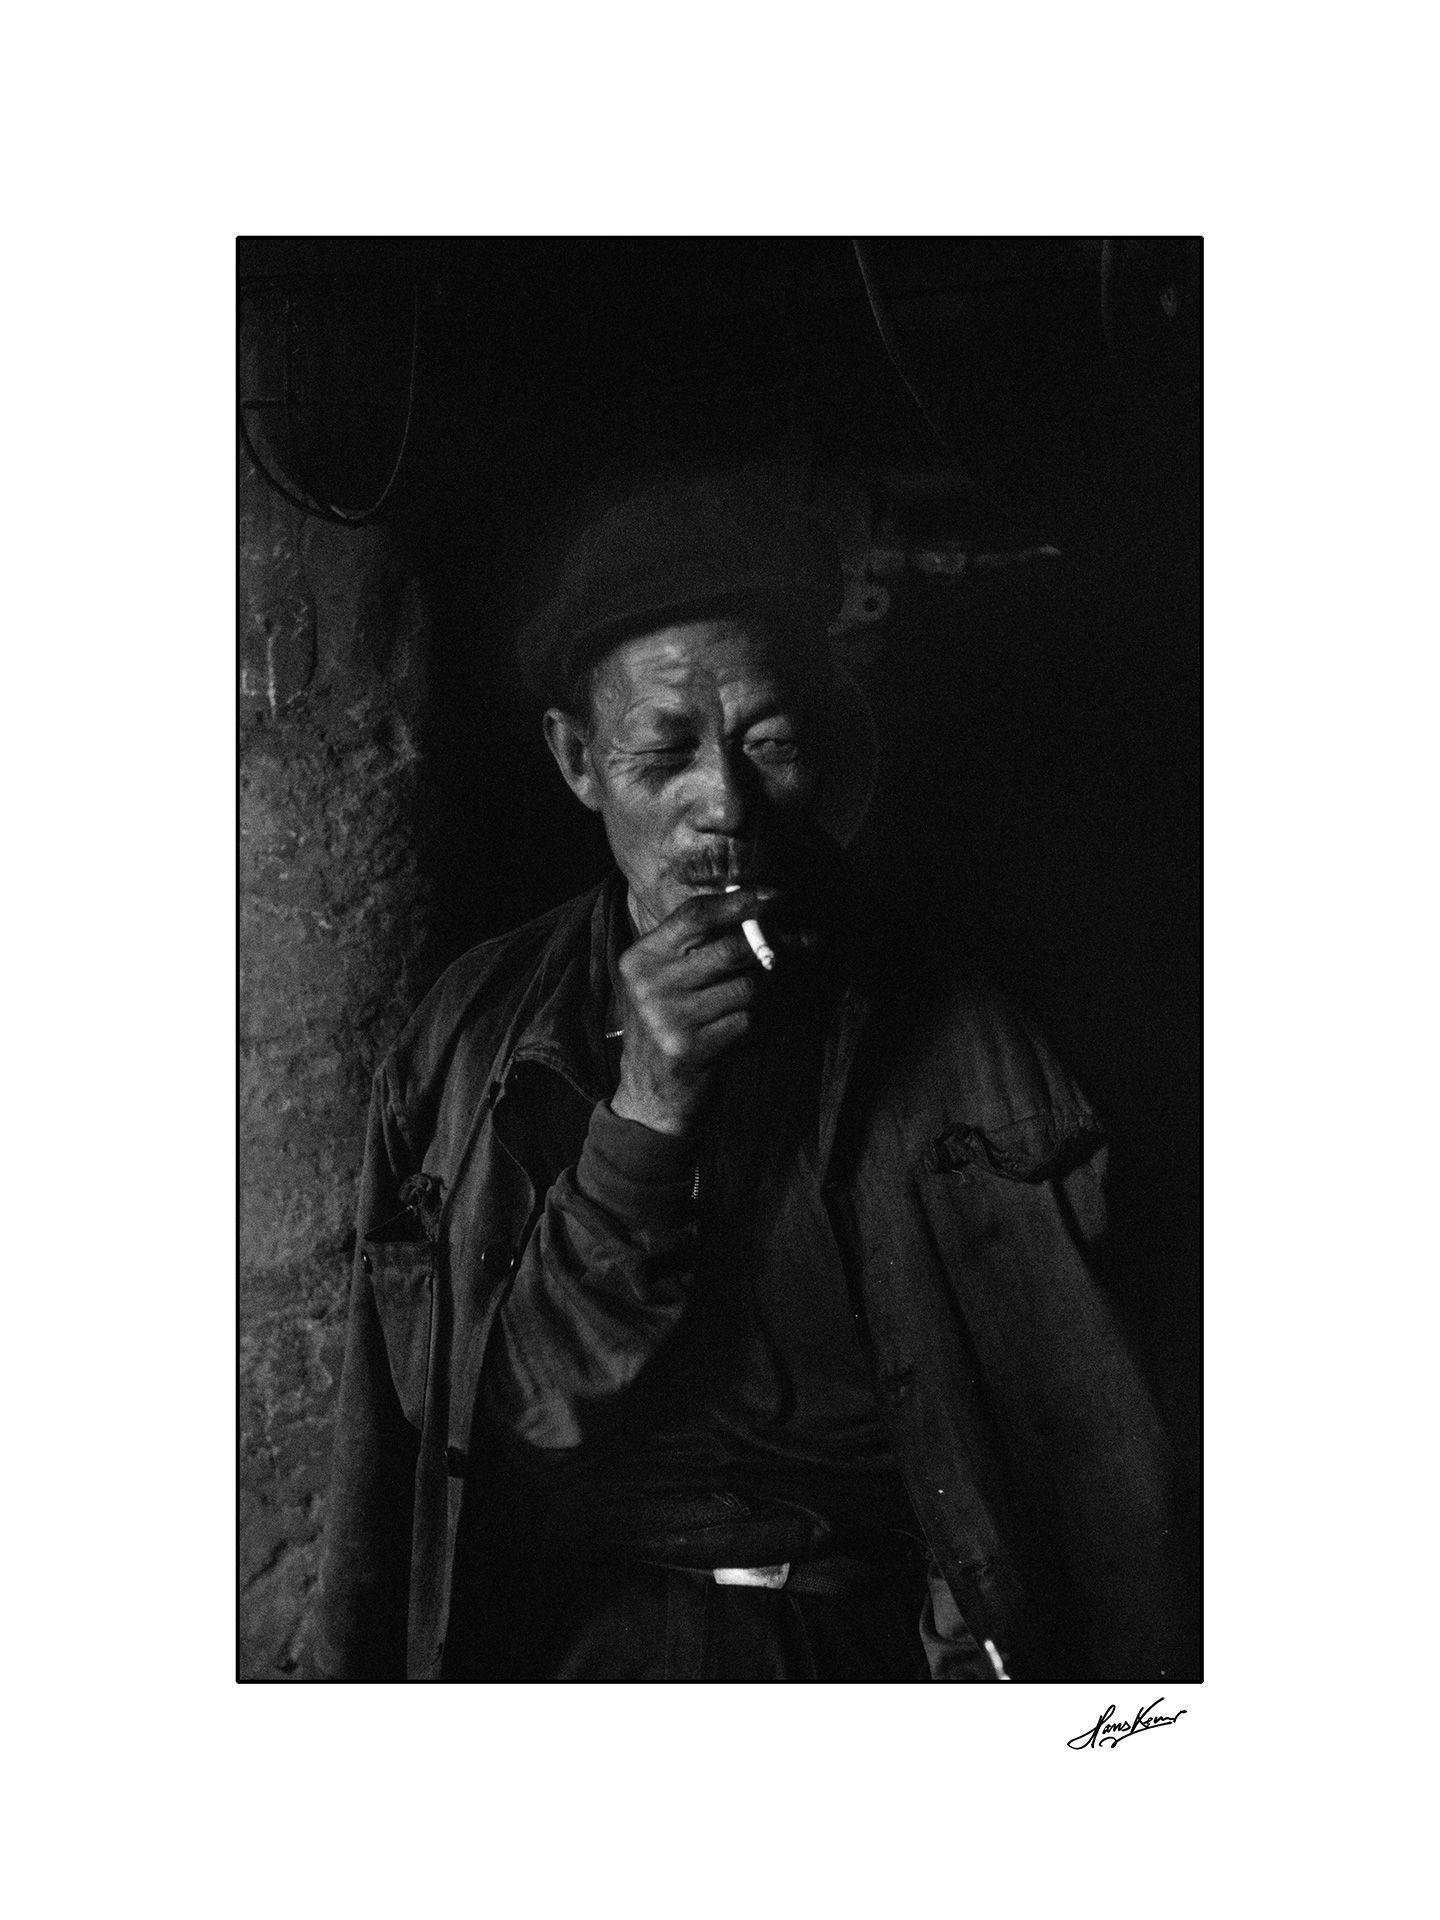 Coal miner, Datong, China, 1993